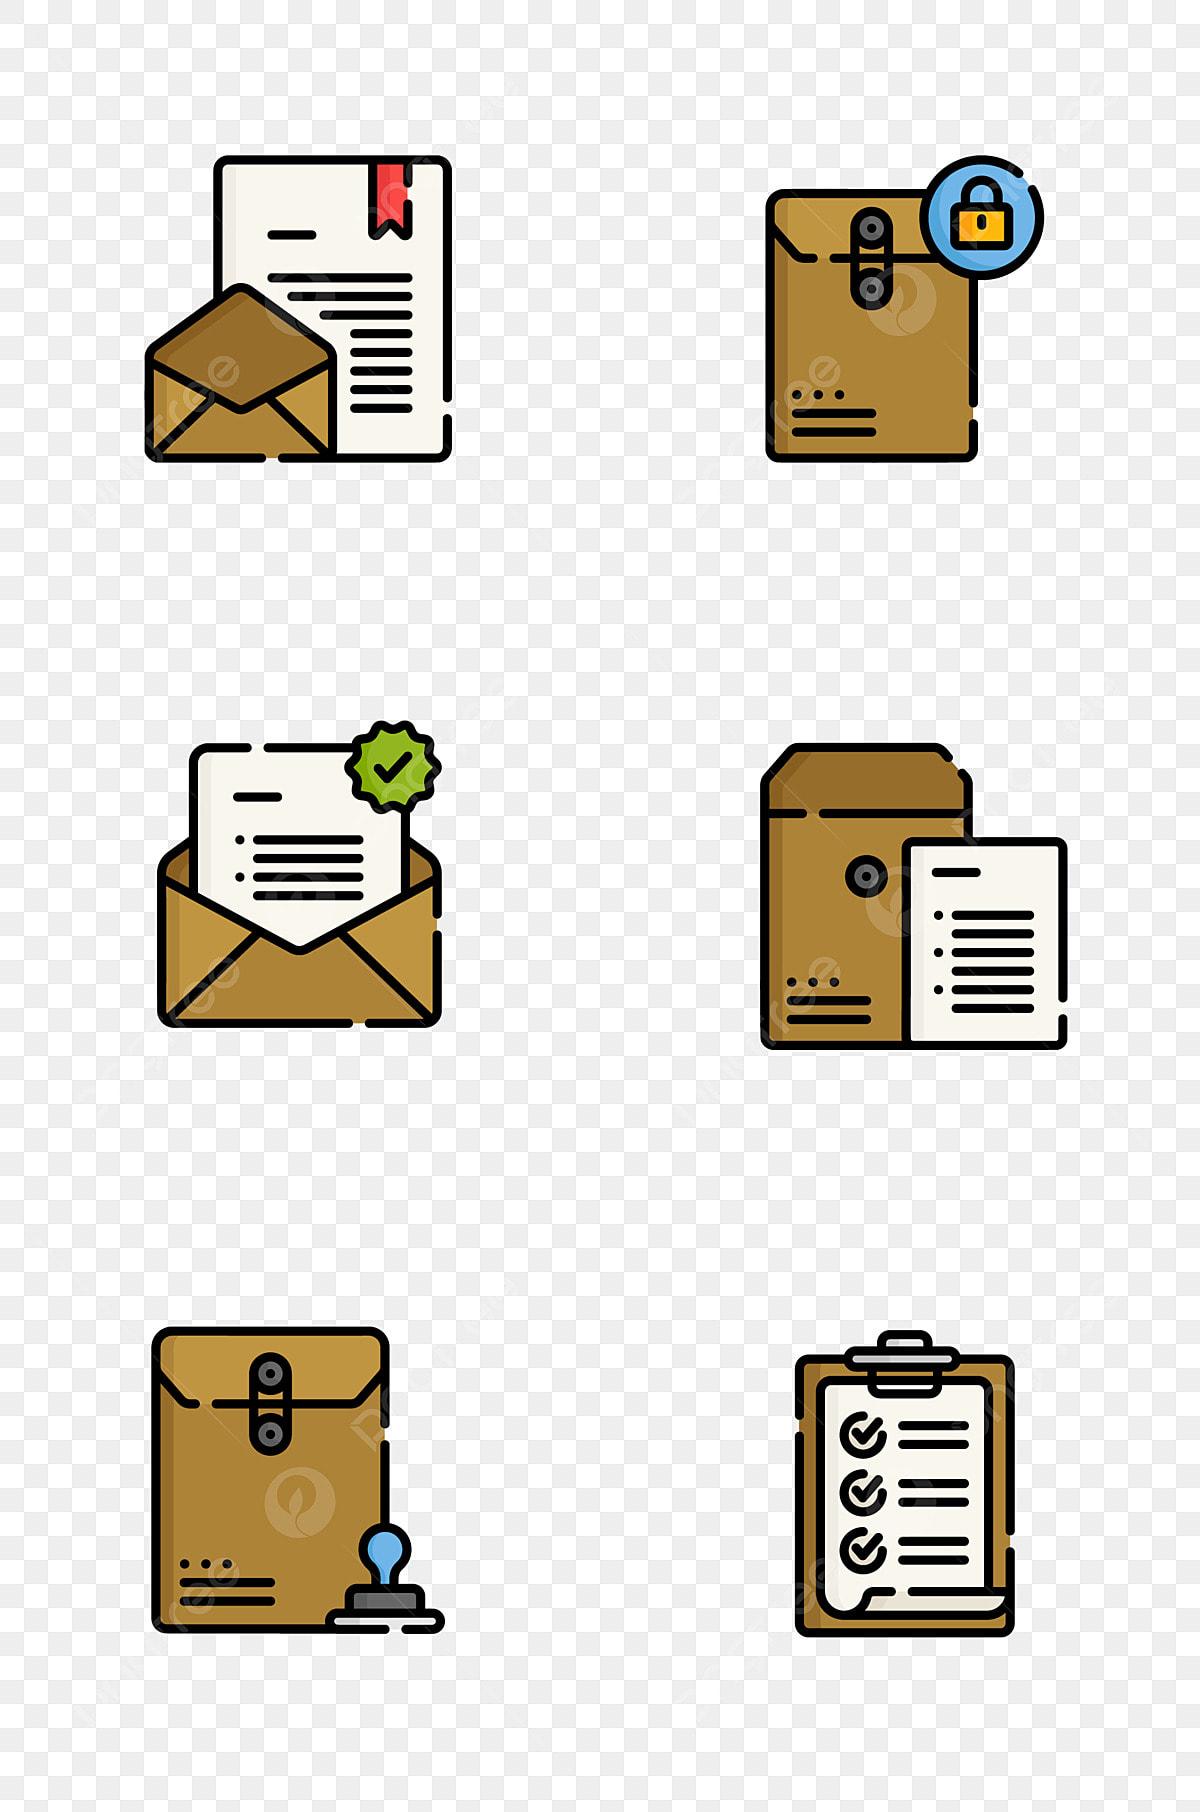 l ic u00f4ne de dossier dossier ic u00f4ne ic u00f4ne de fichier image png pour le t u00e9l u00e9chargement libre